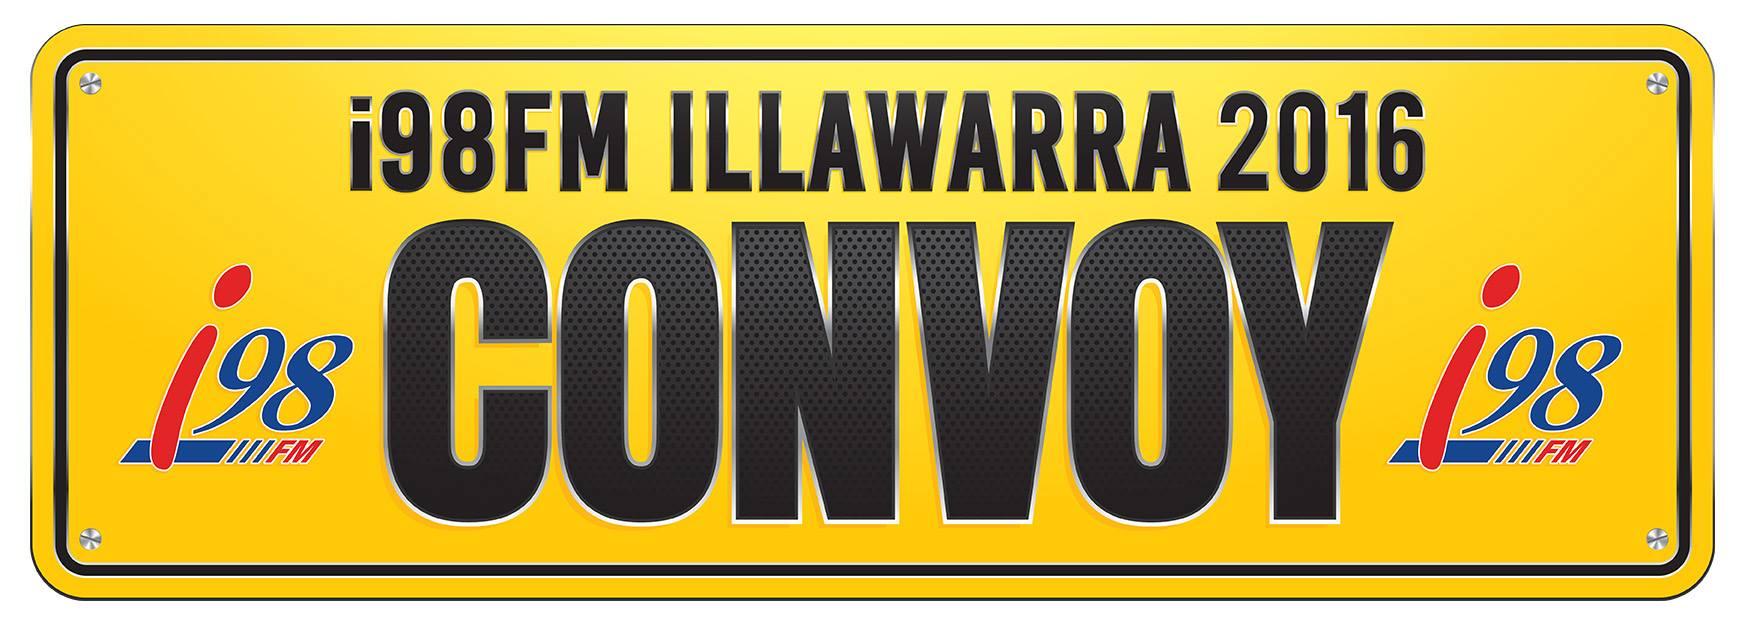 i98 Illawarra Convoy